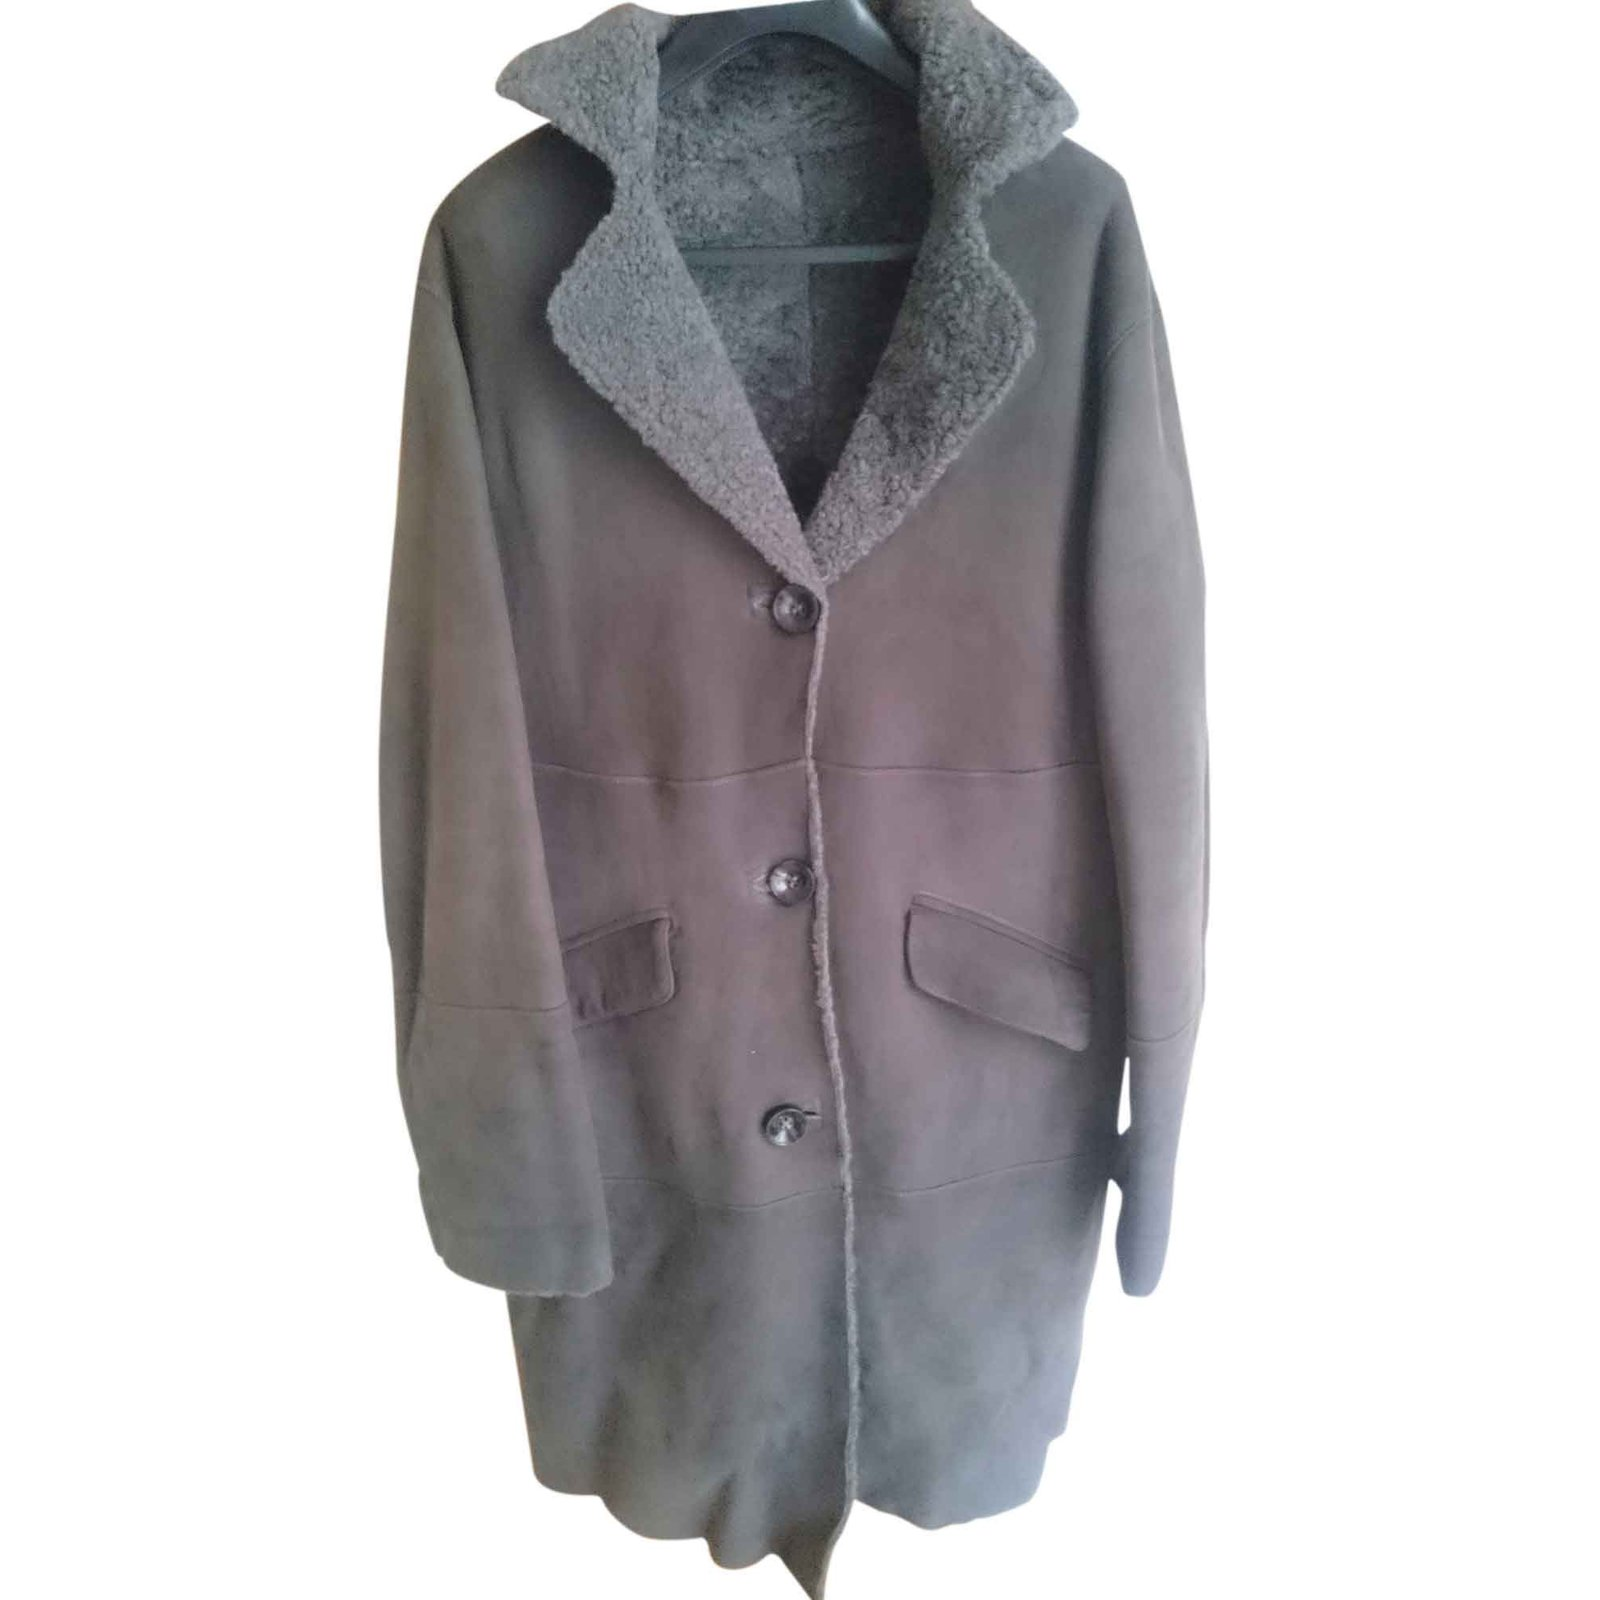 Manteau peau lainee gerard darel